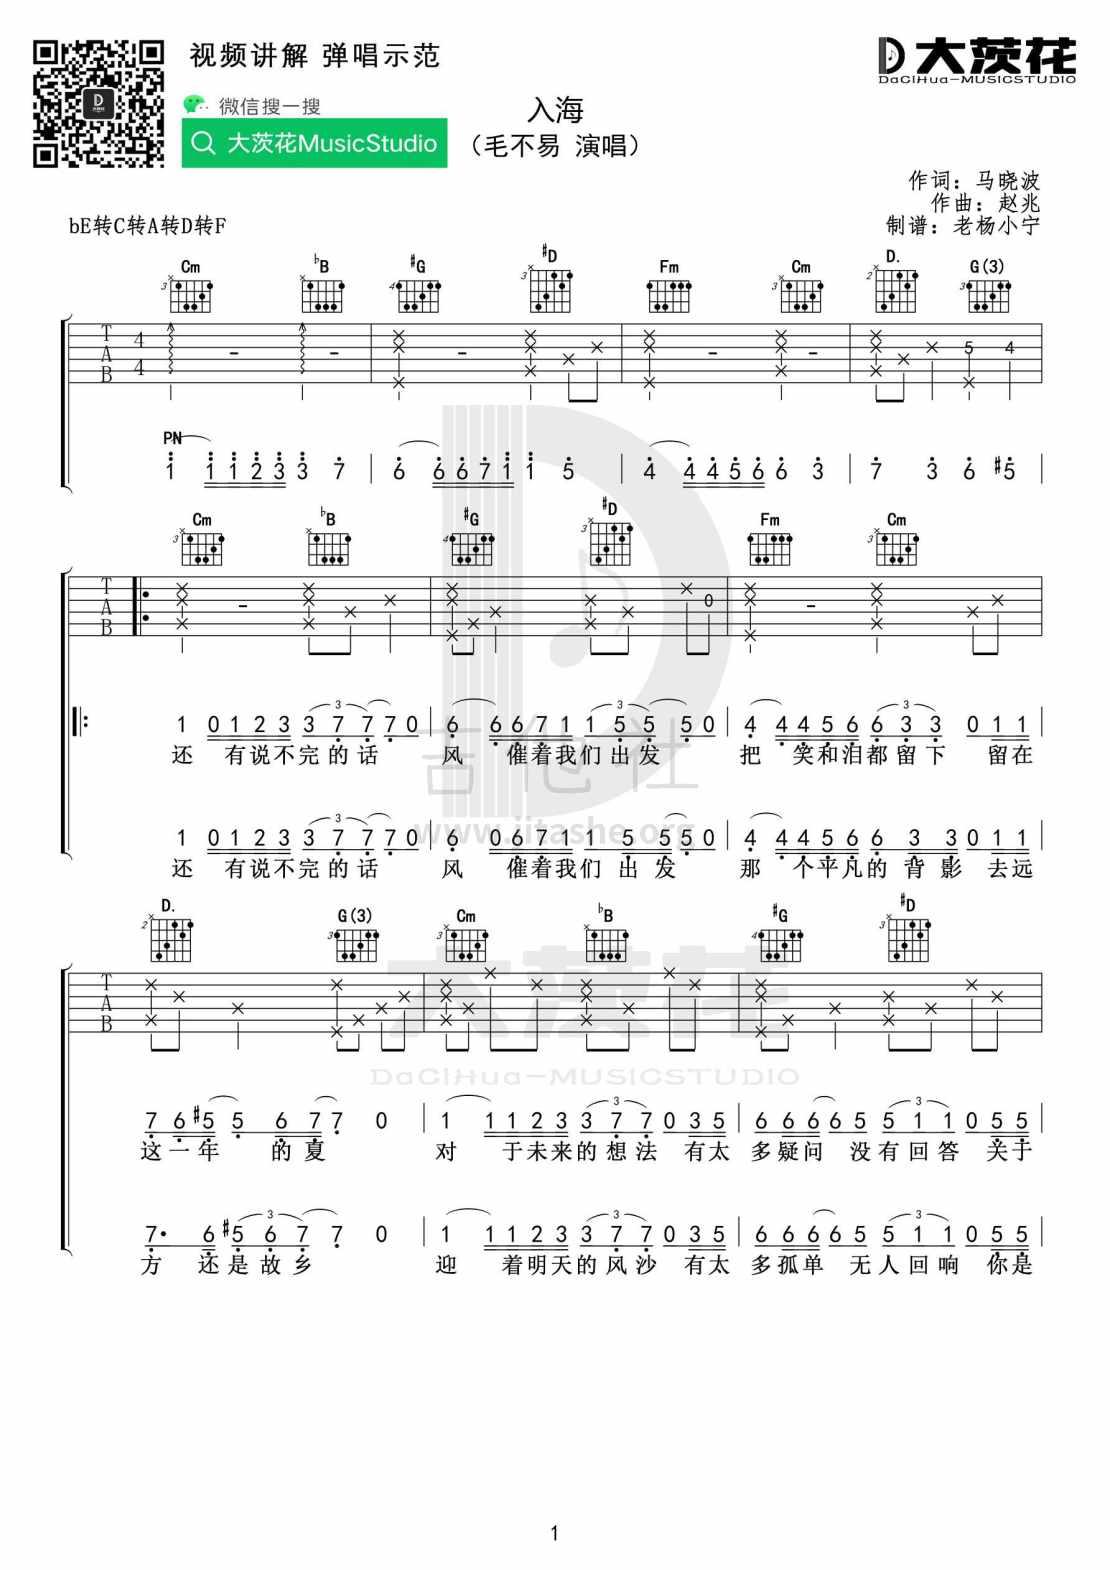 入海 (小宁制谱)吉他谱(图片谱,弹唱)_毛不易(王维家)_DCH 入海吉他谱01.jpg